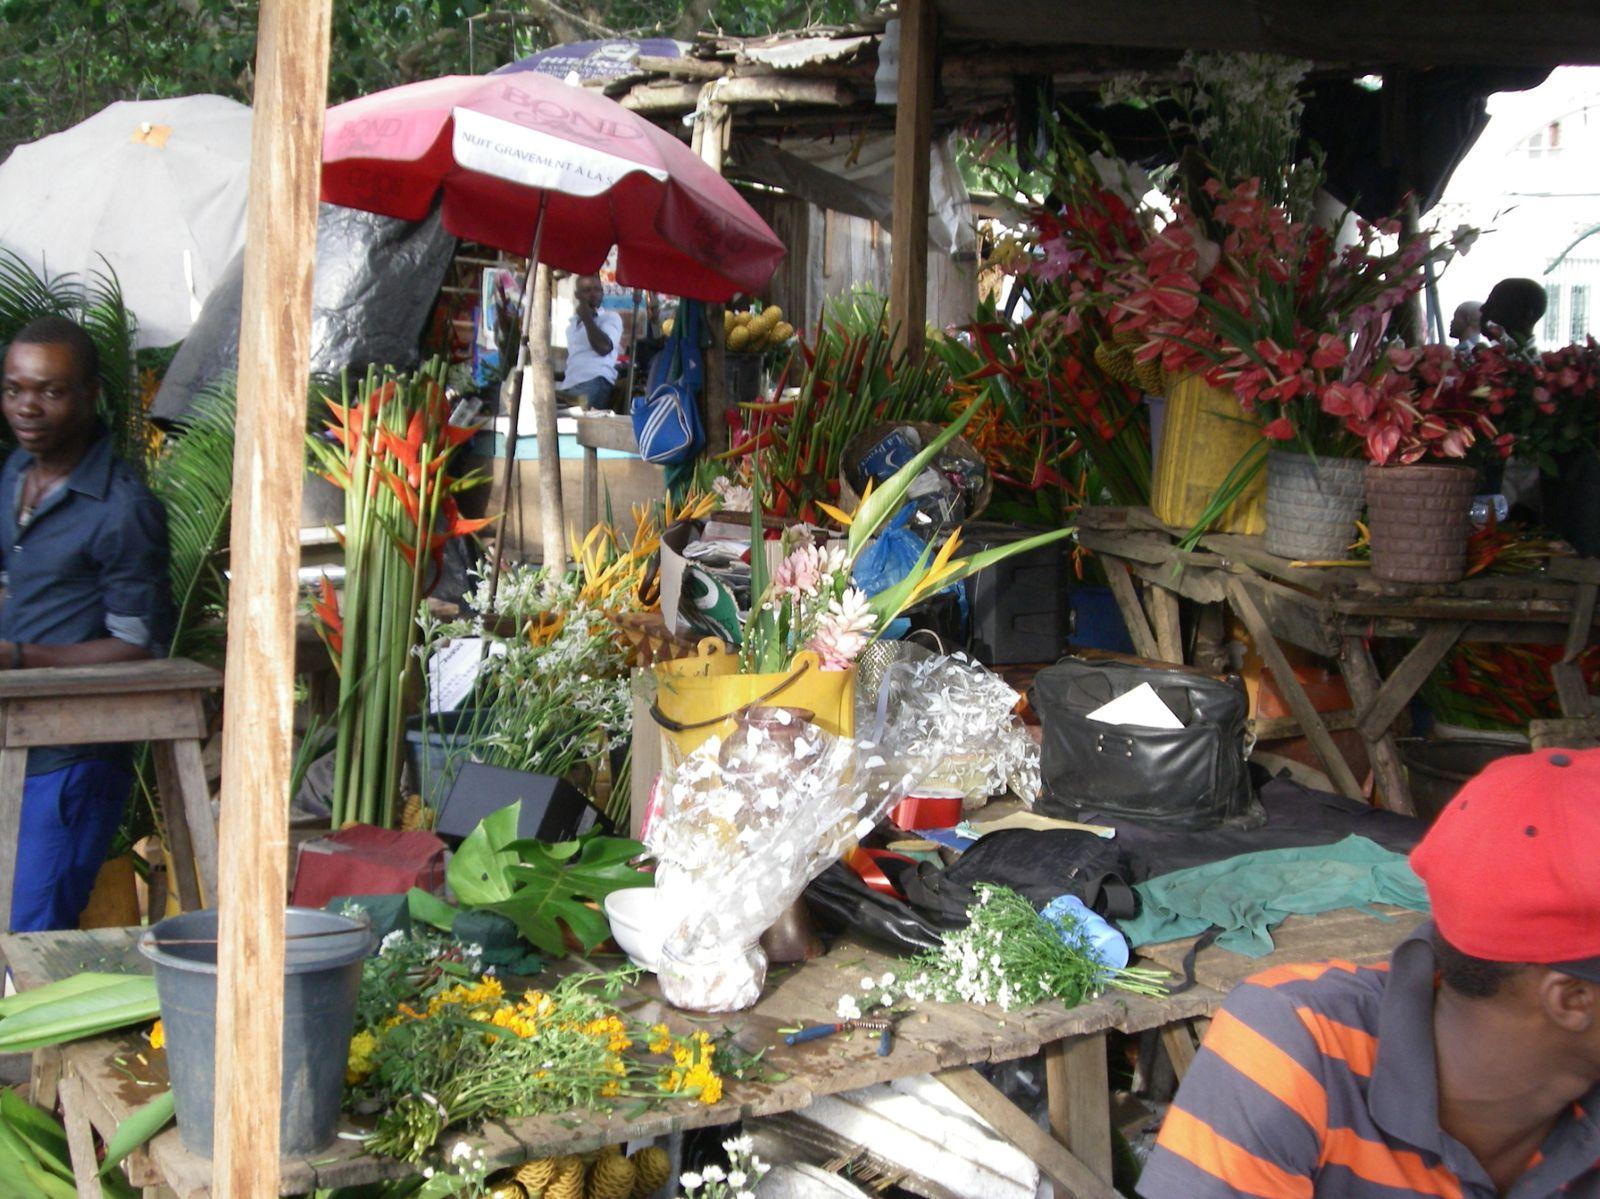 1&2: en plein coeur du marché, 3: marché artisanal&#x3B; 4: marché aux fleurs